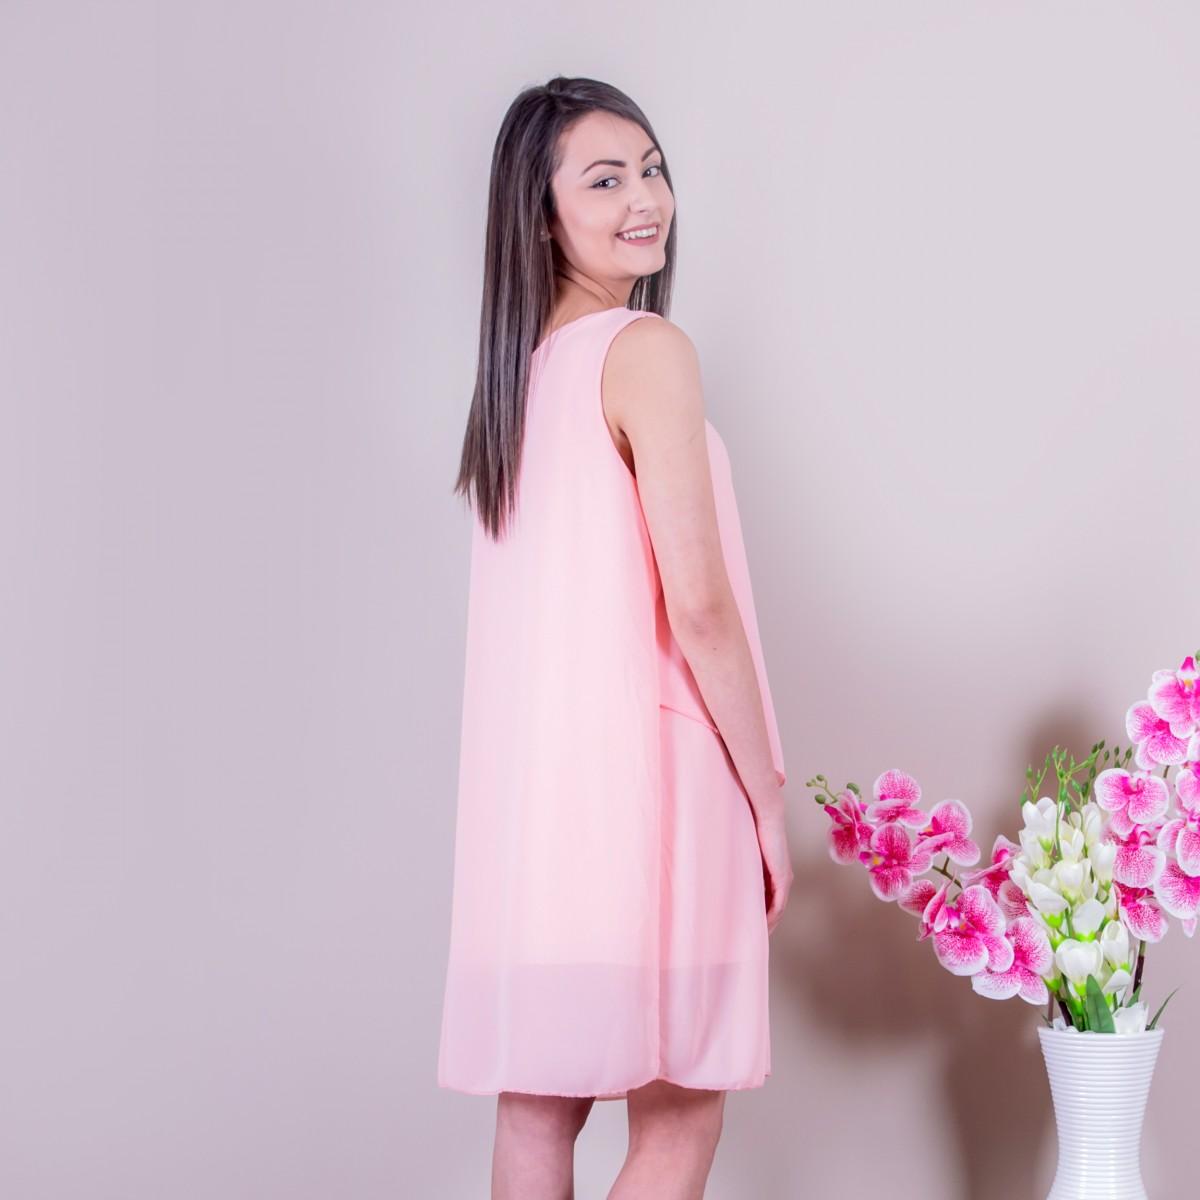 Свободна дамска рокля в розово Снимка 2 от 2